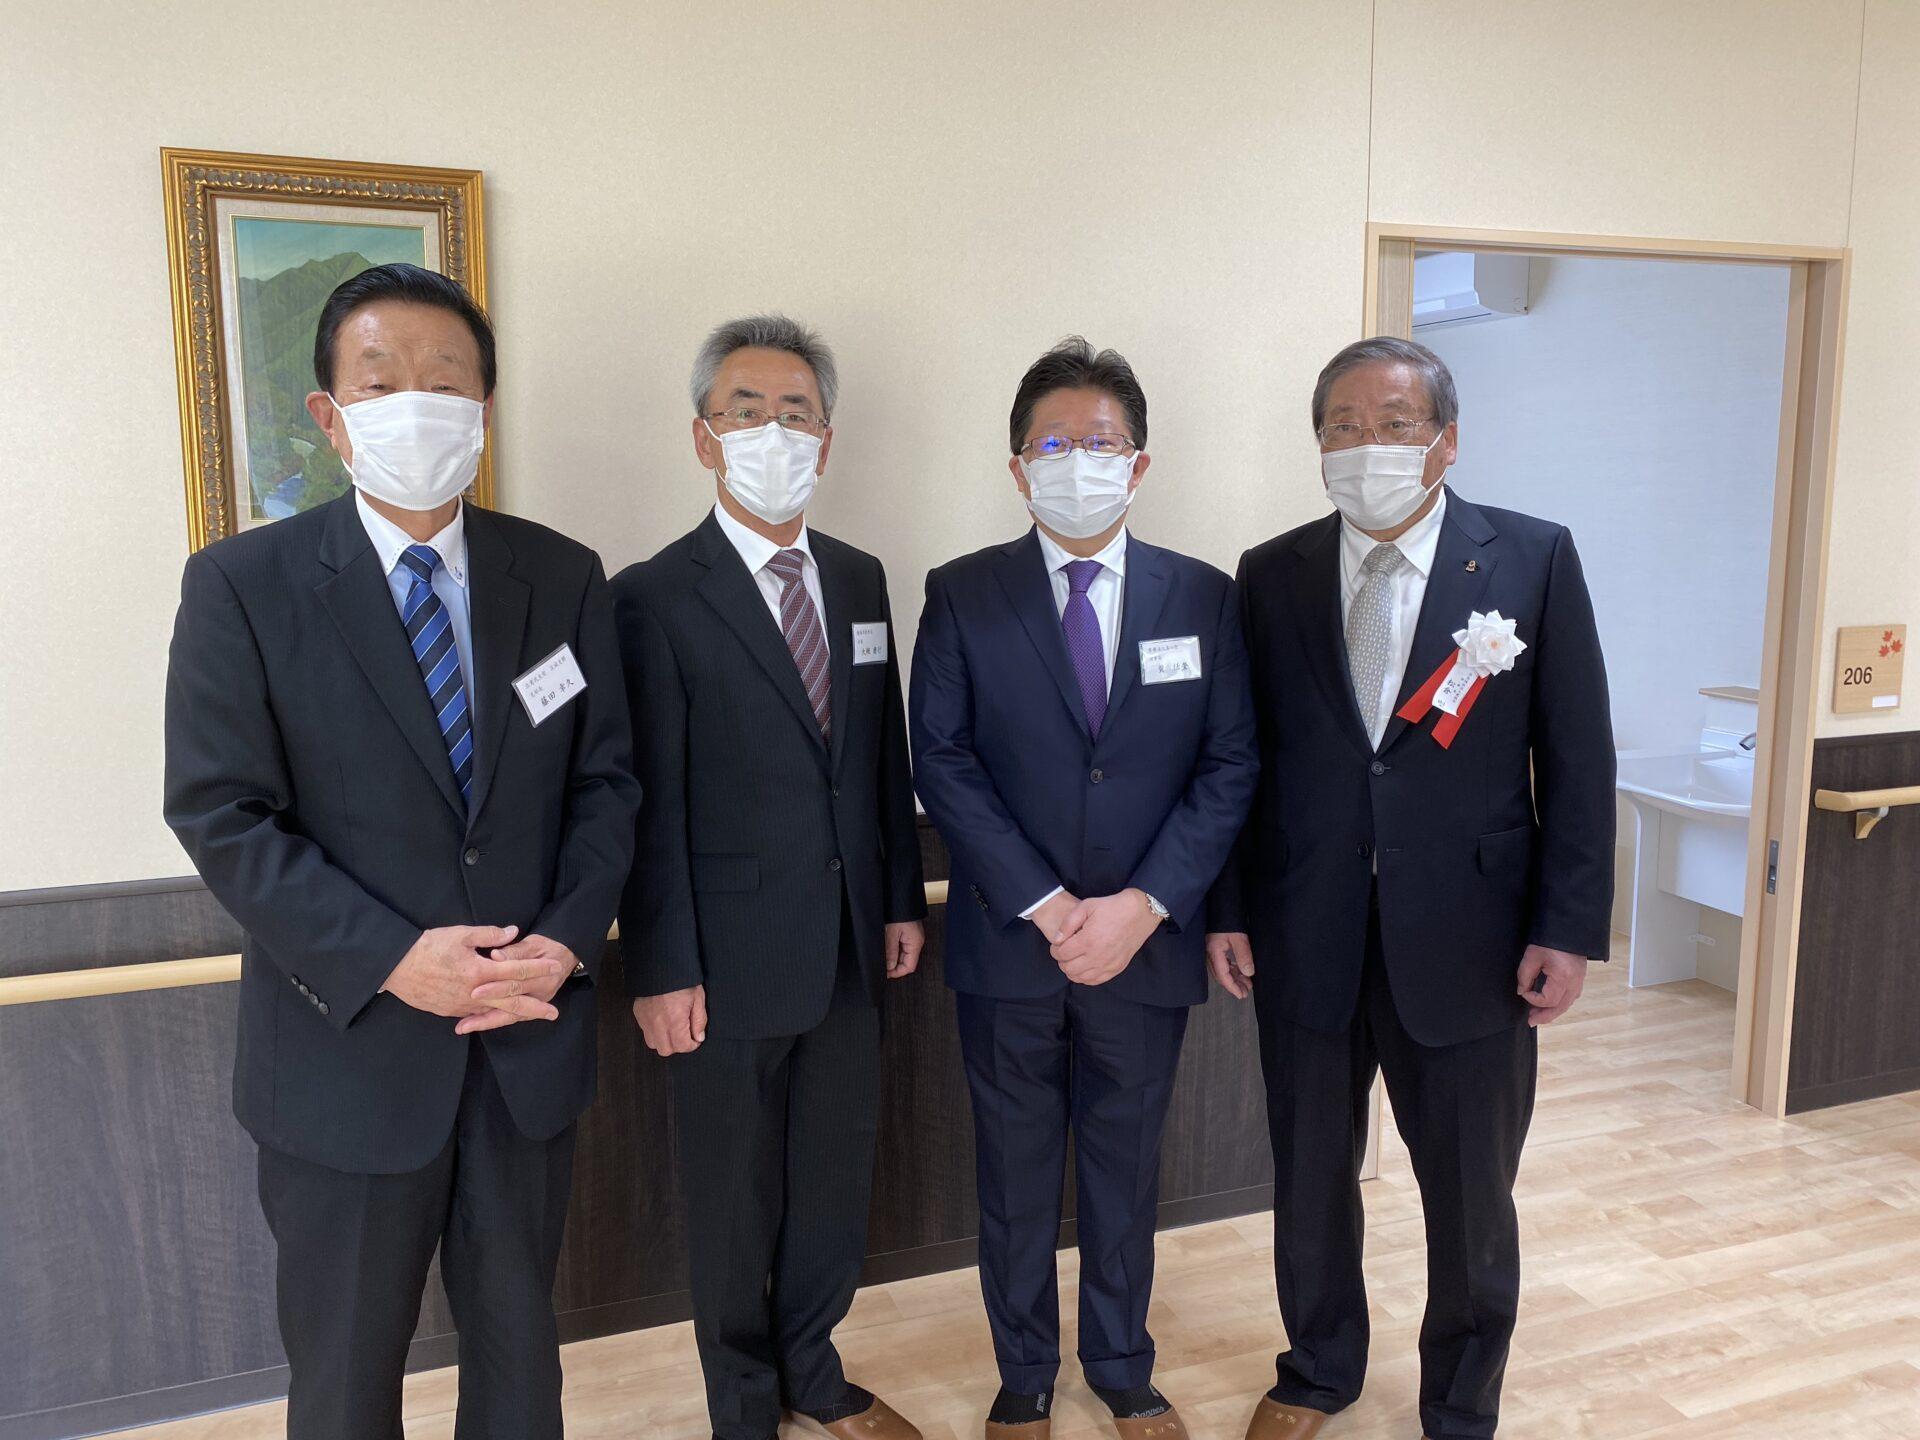 松寿園の『サテライト松寿園 和』と、『グループホーム まつのいえ』の竣工式に出席